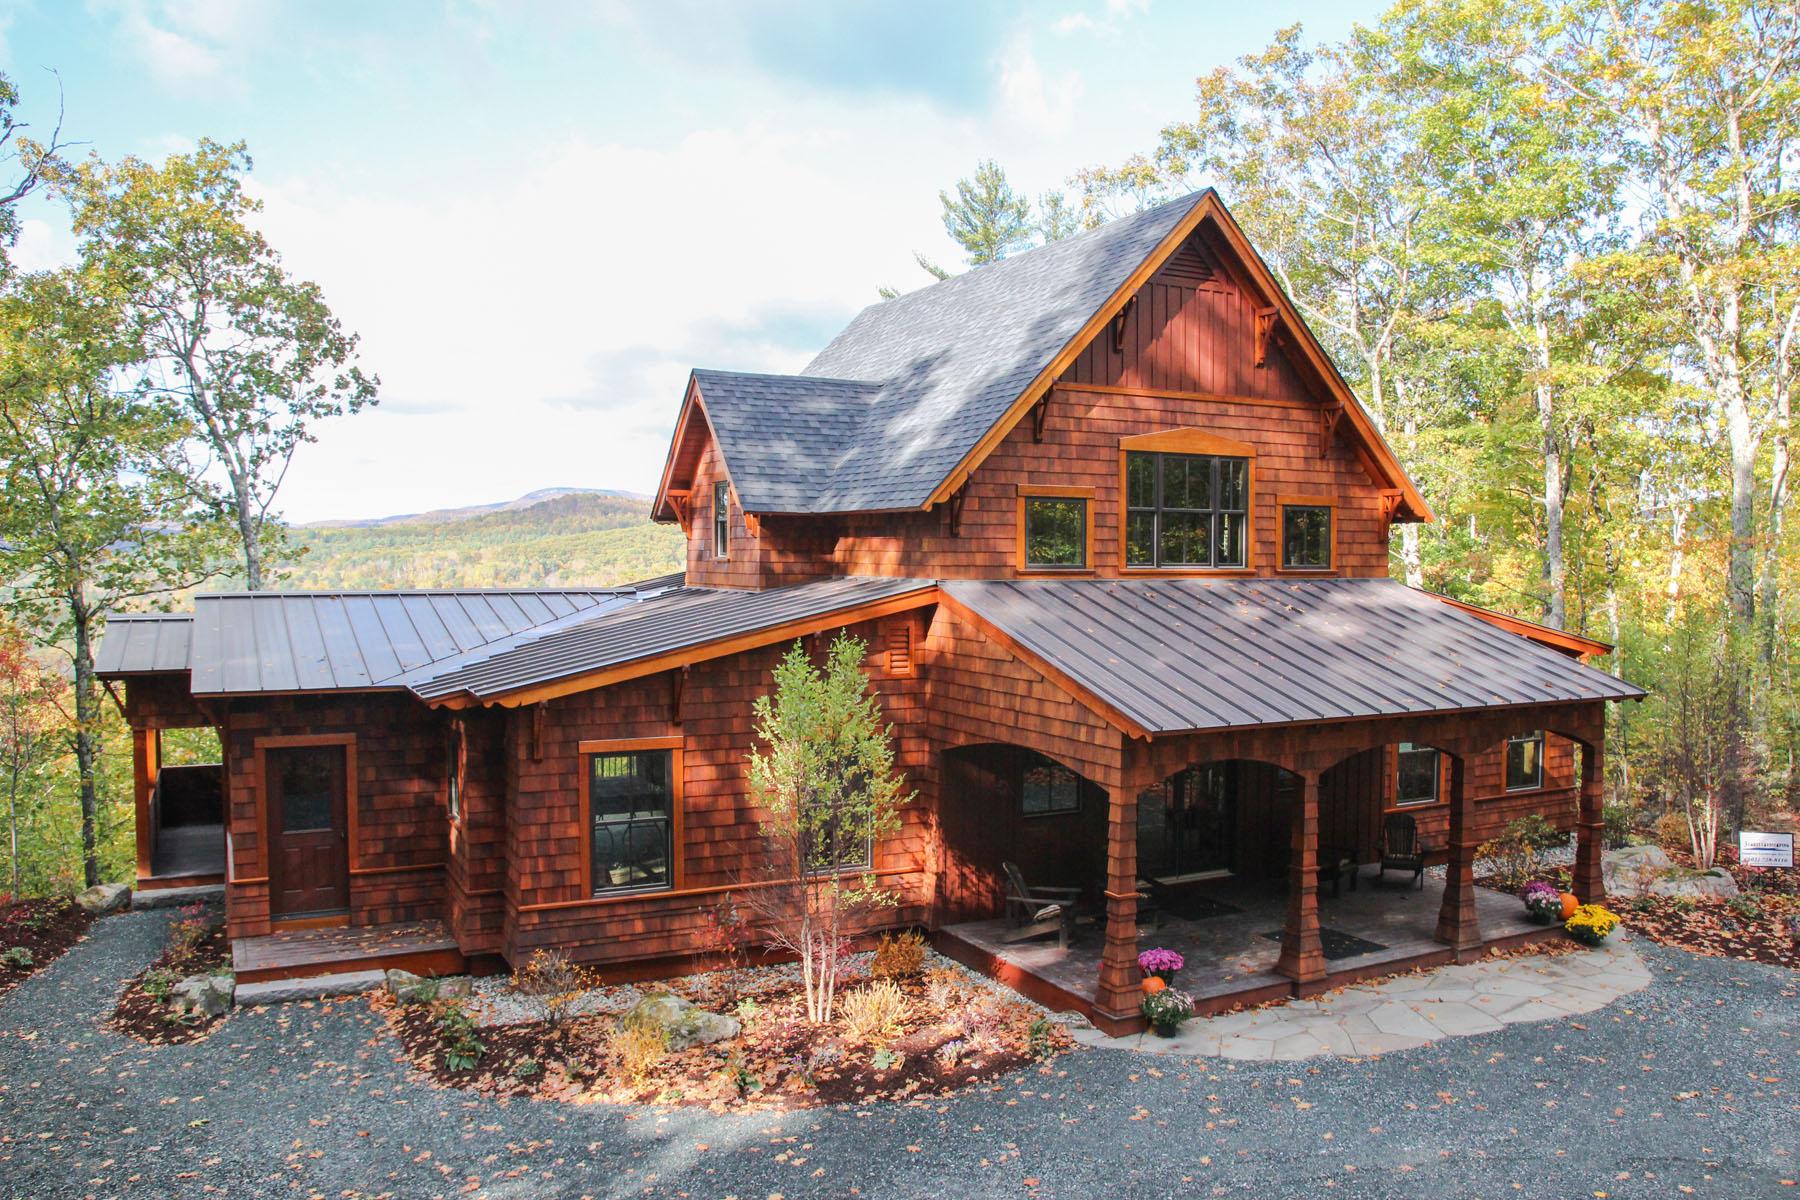 Частный односемейный дом для того Продажа на 14 Squam River Landing, Ashland Ashland, Нью-Гэмпшир 03217 Соединенные Штаты